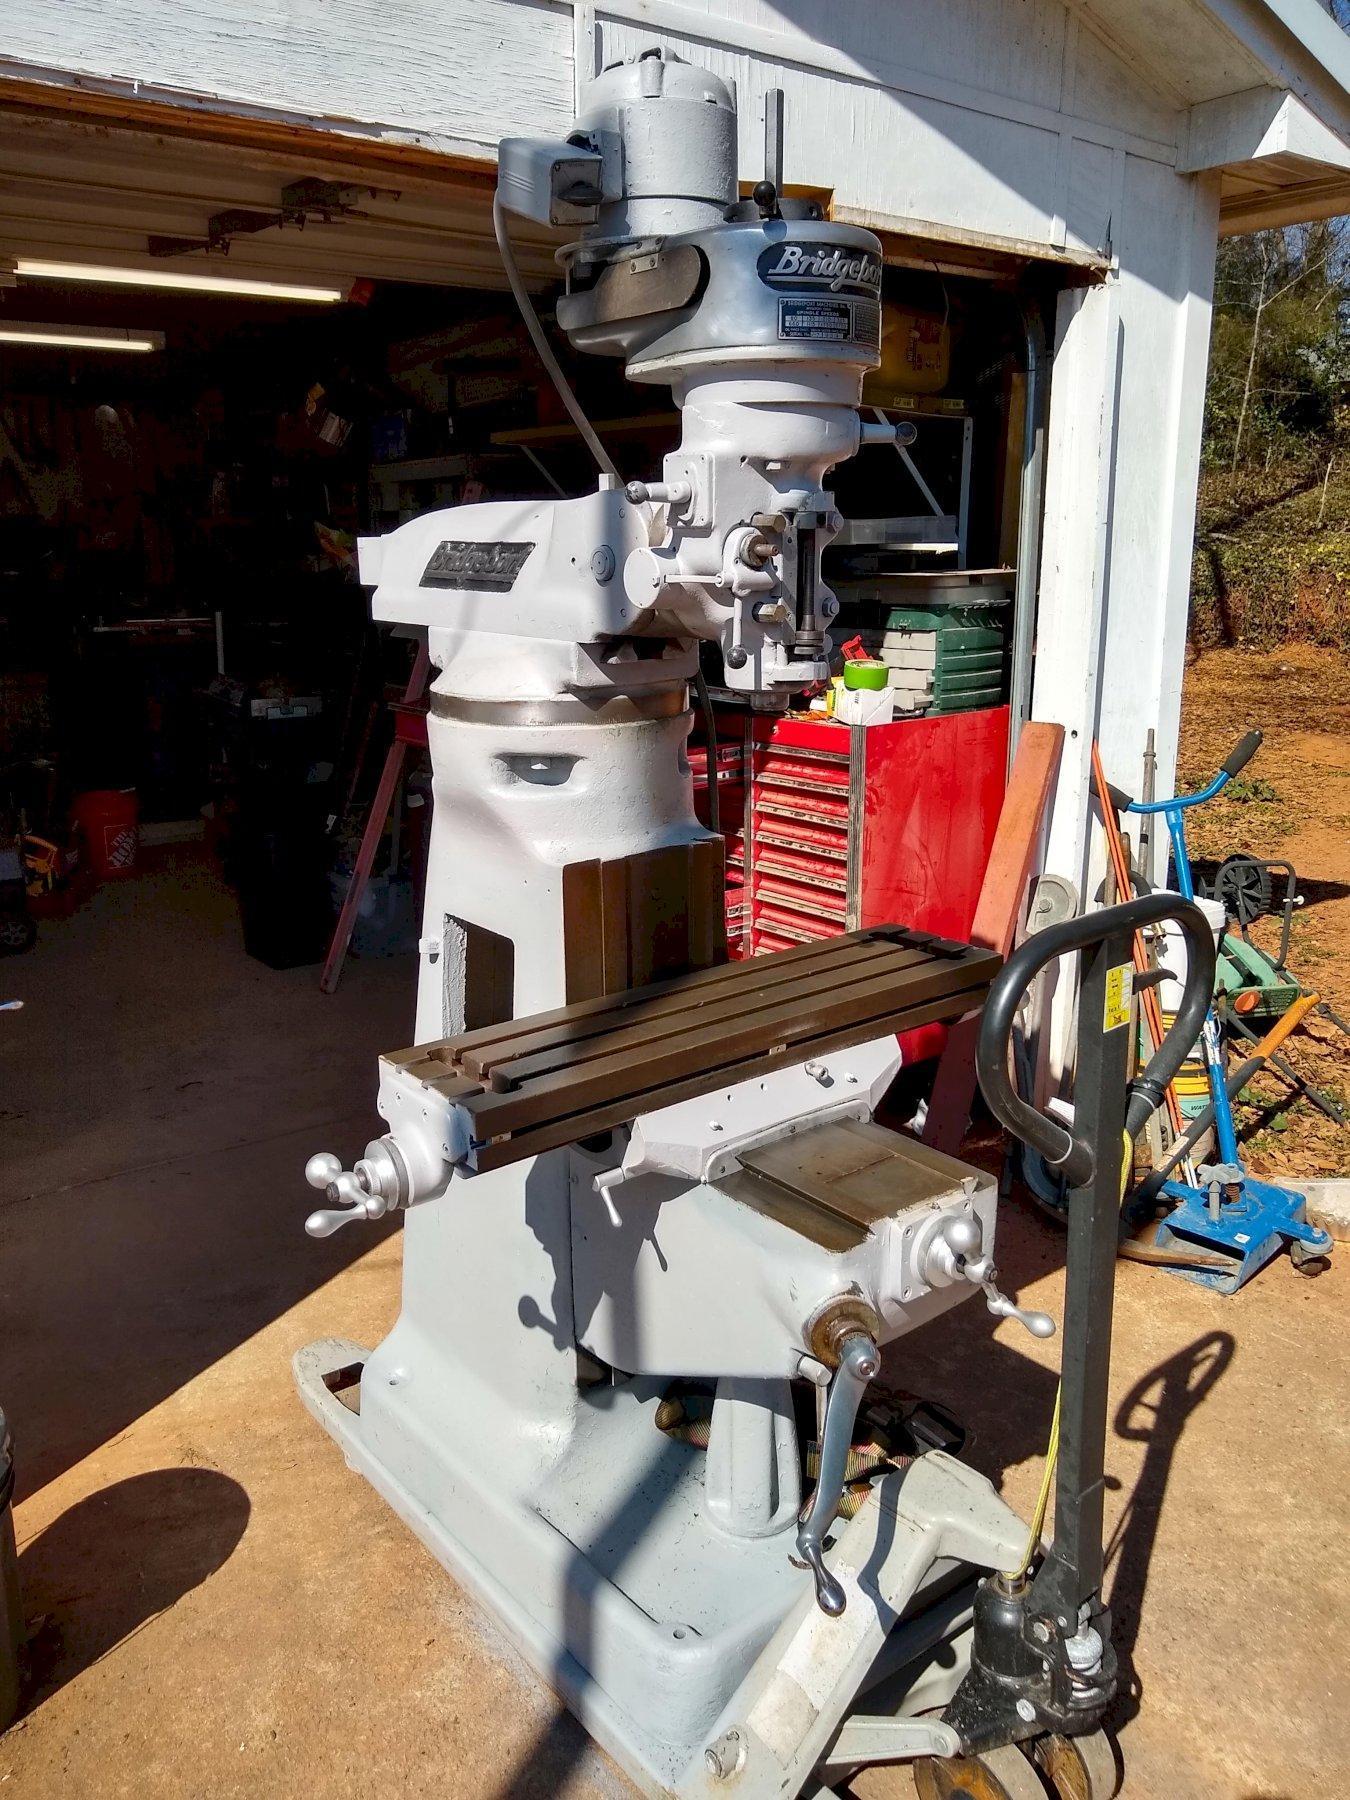 Bridgeport milling machine  9X36in table